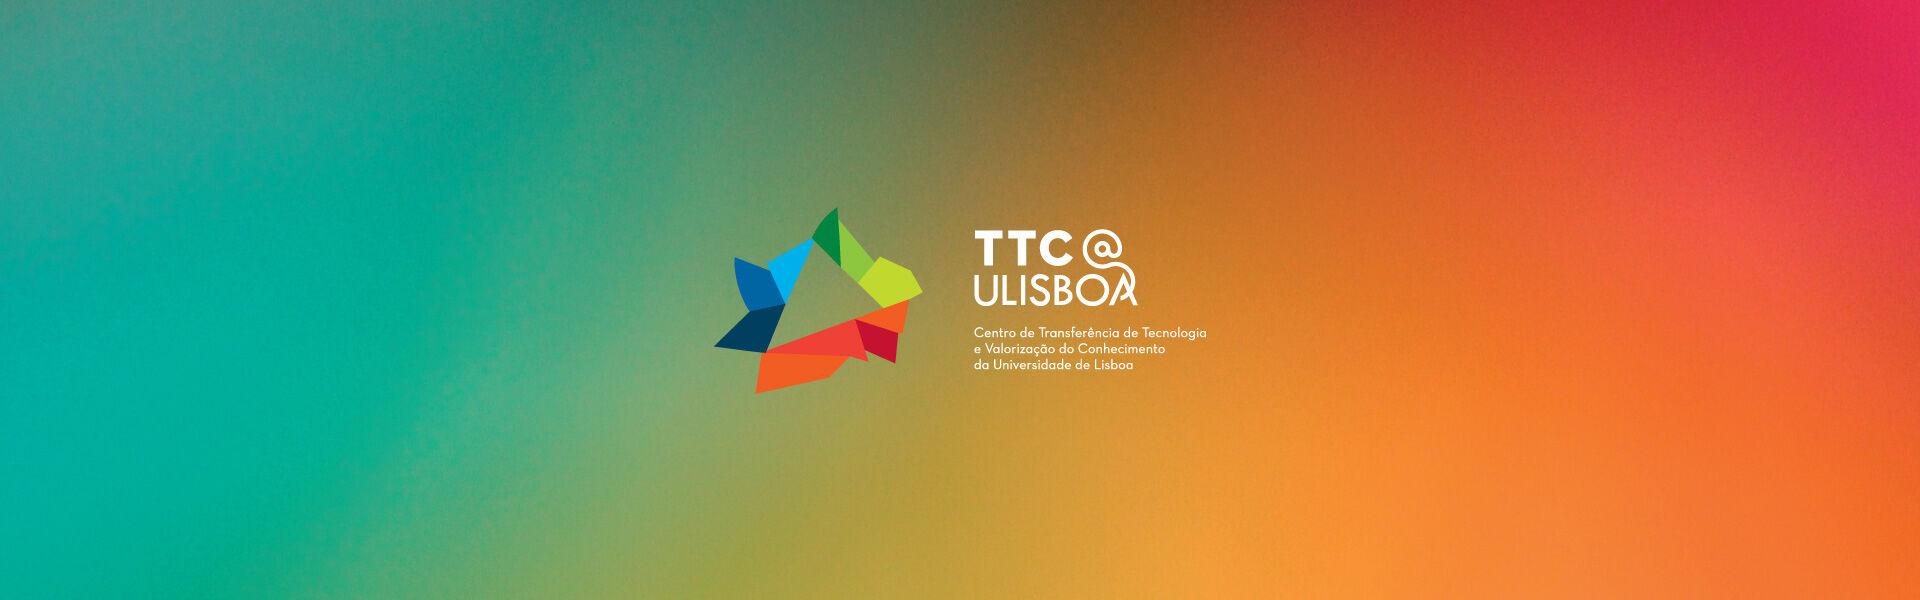 TTC@ULisboa — Centro de Transferência de Tecnologia e Valorização do Conhecimento da Universidade de Lisboa